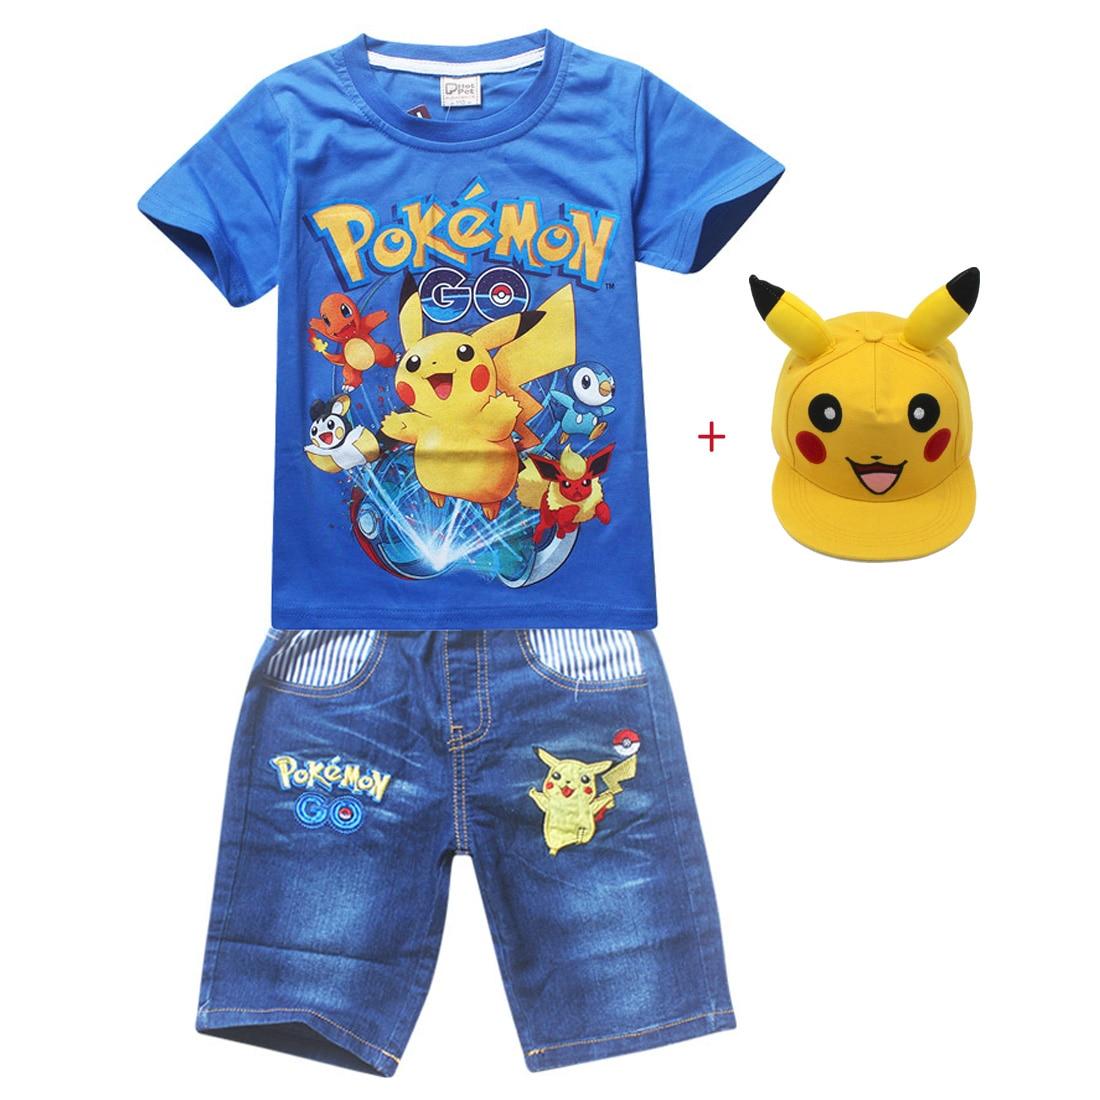 Kids Boy POKEMON Go Pikachu Charmander Eevee T-shirt Top Jeans Pants Suit Outfit